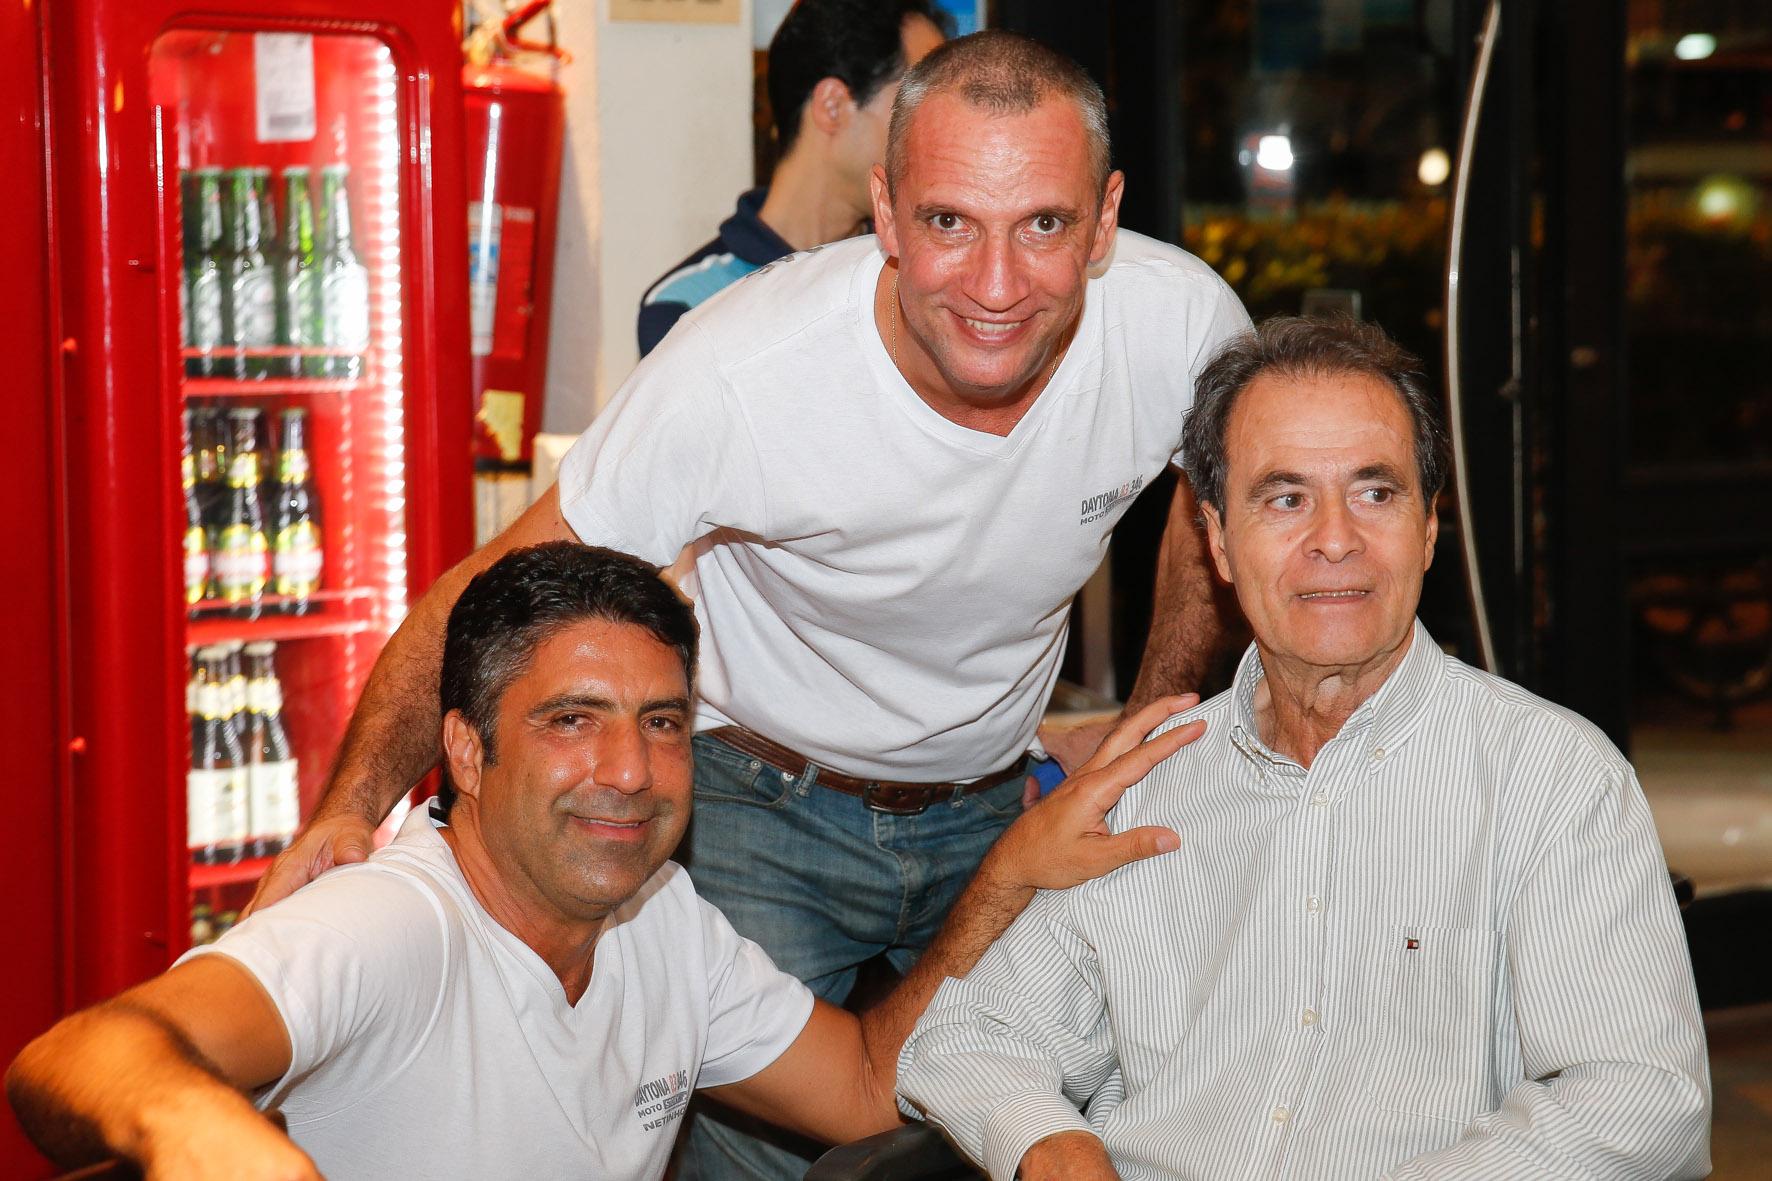 04/02/2015 - 1o Encontro Motostory: Daytona 83 349 - Antonio Jorge Neto (Netinho), Carlãozinho e Milton Benite - Foto: Haroldo Nogueira / Motostory